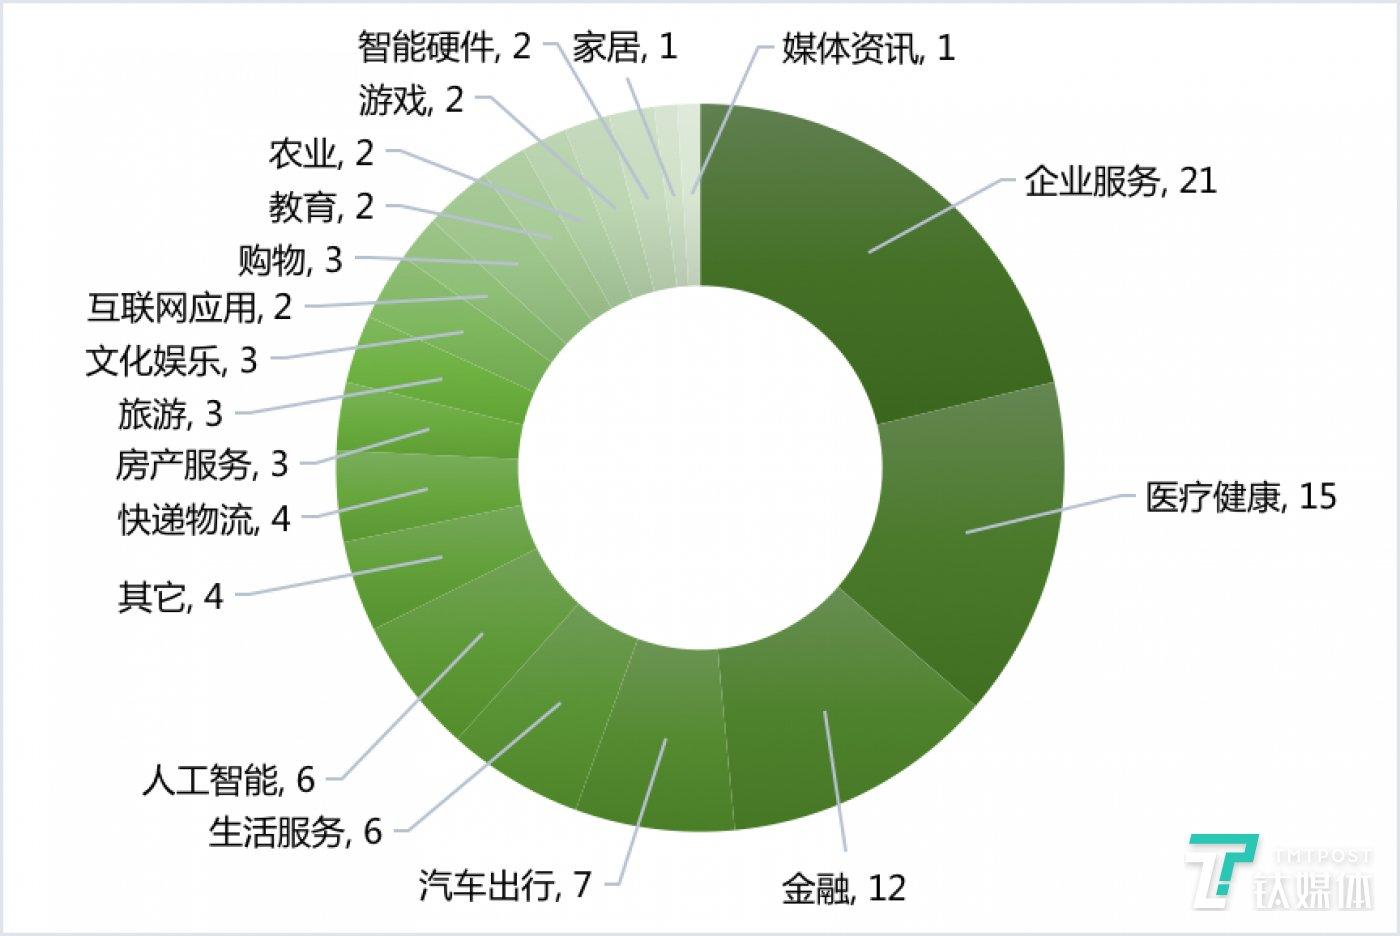 国外各领域融资数量(2020年第10周)